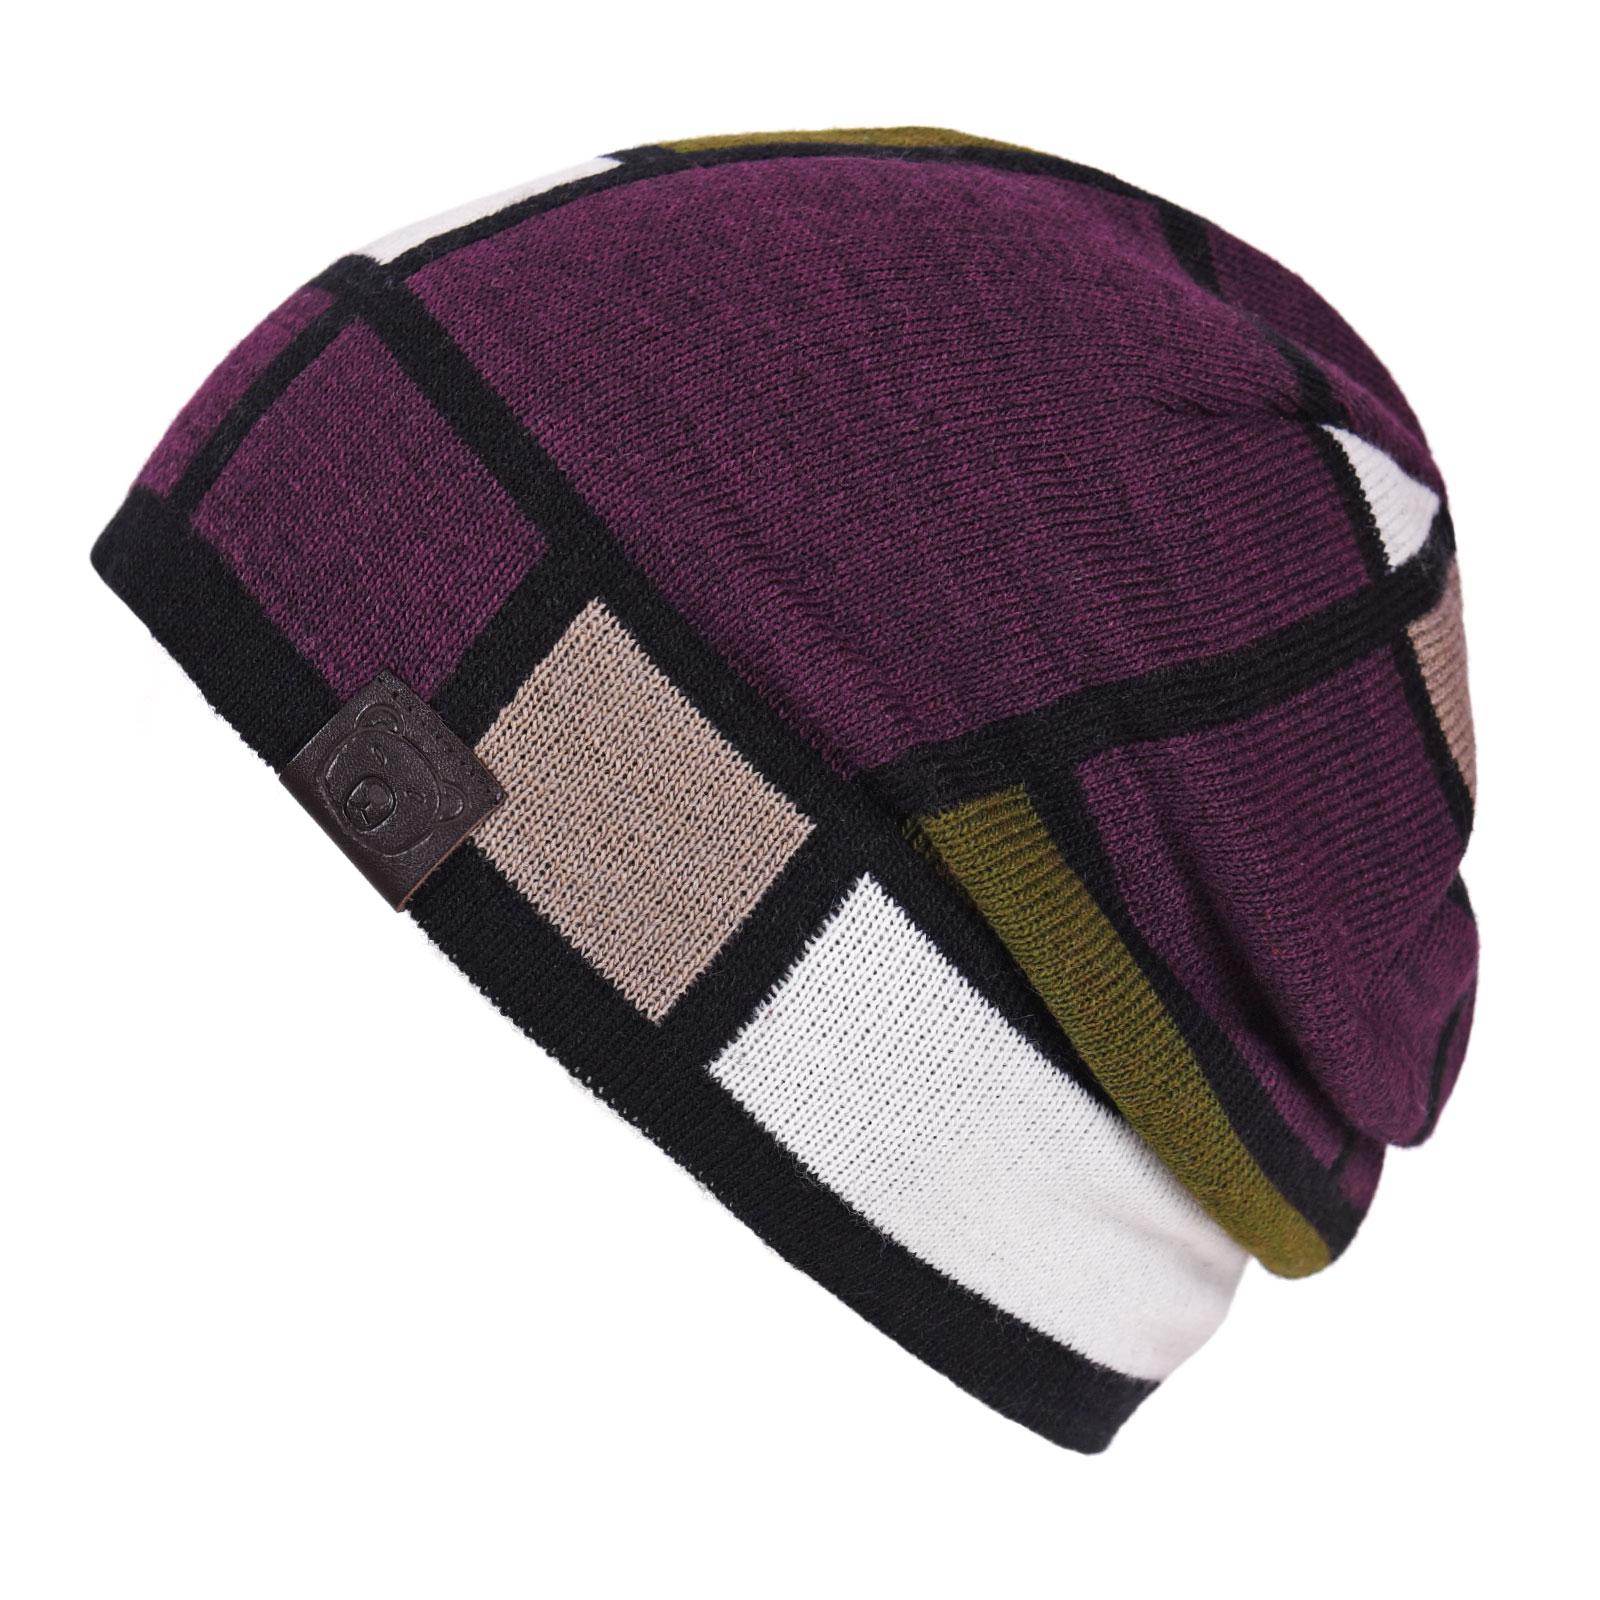 CP-01038-GH16-bonnet-patchwork-violet-mokalunga